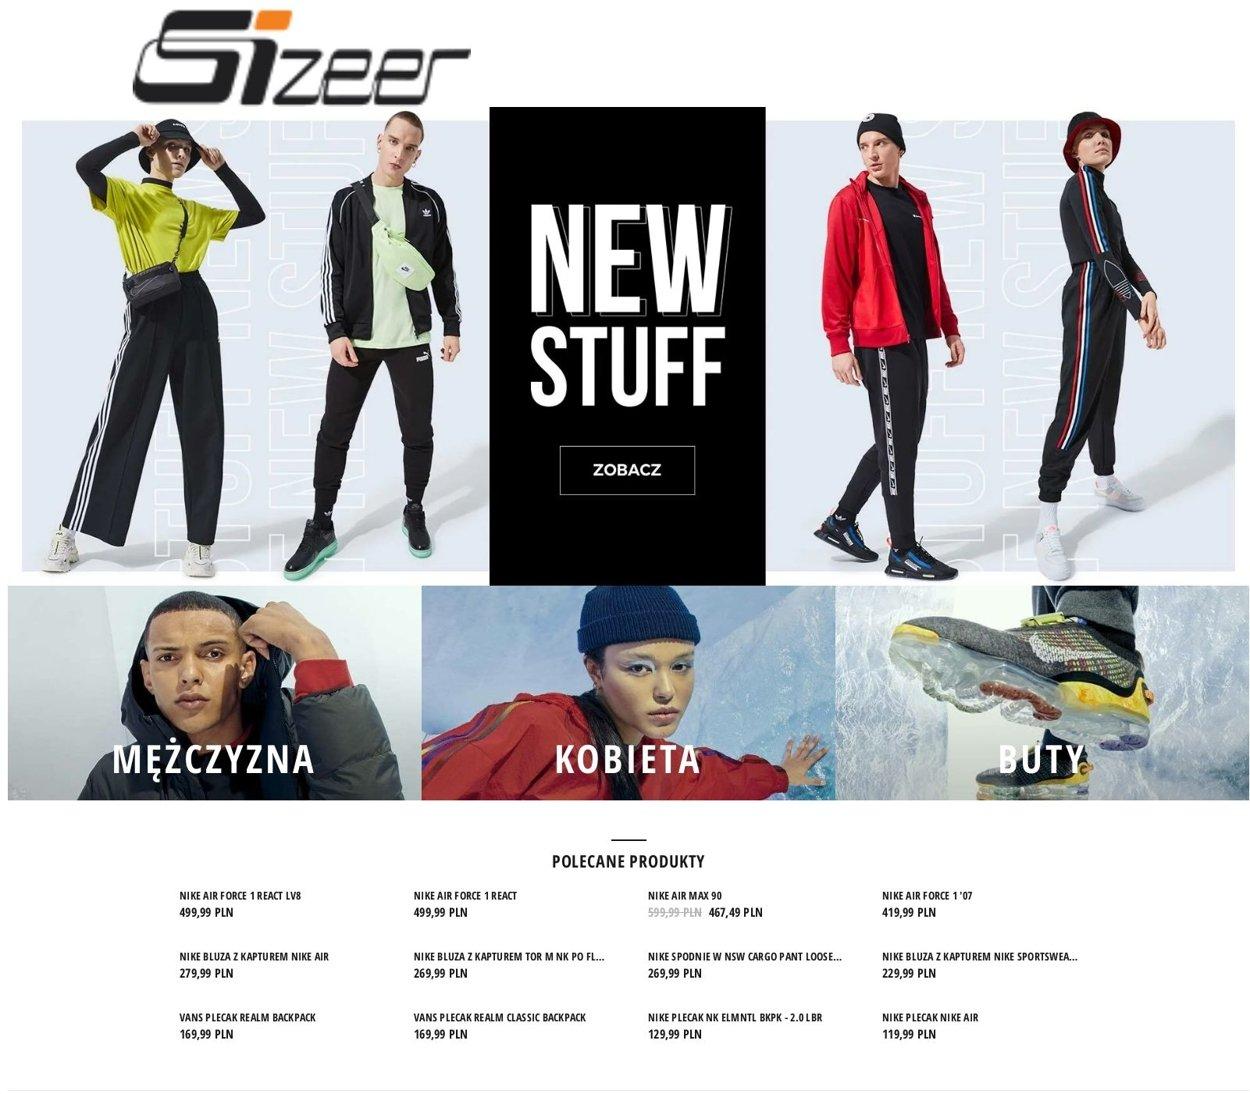 Gazetka promocyjna Sizeer - 03.03-09.03.2021